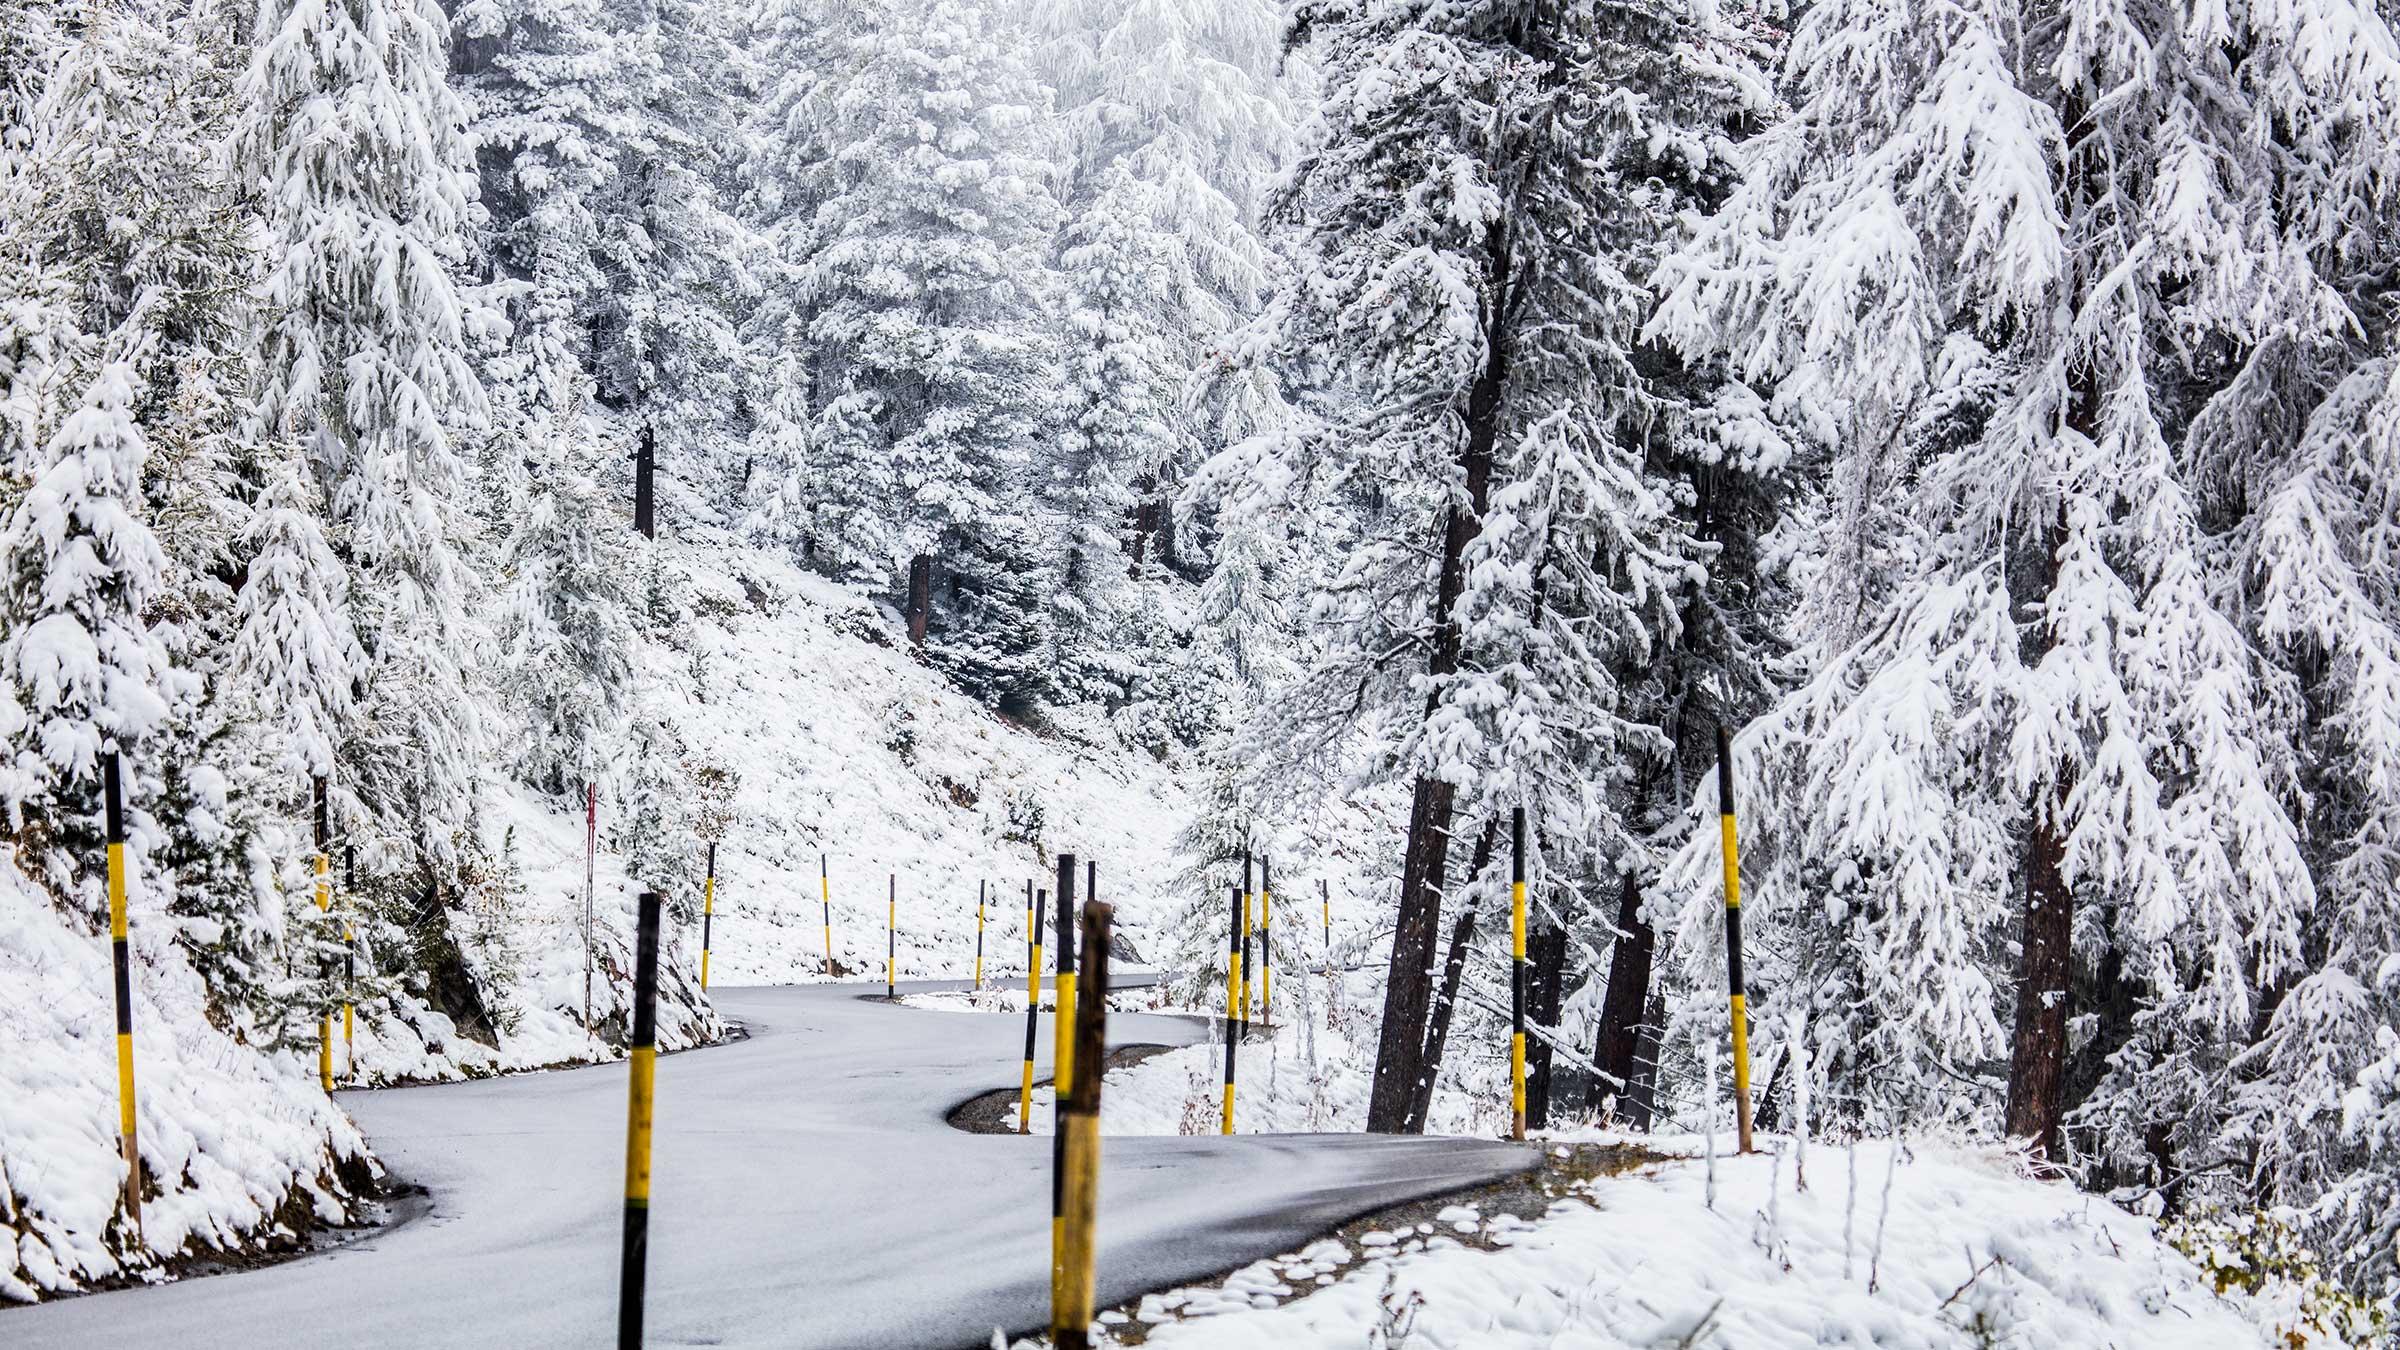 Verschneite Gletscherstrasse - Sölden, Ötztal, Tirol